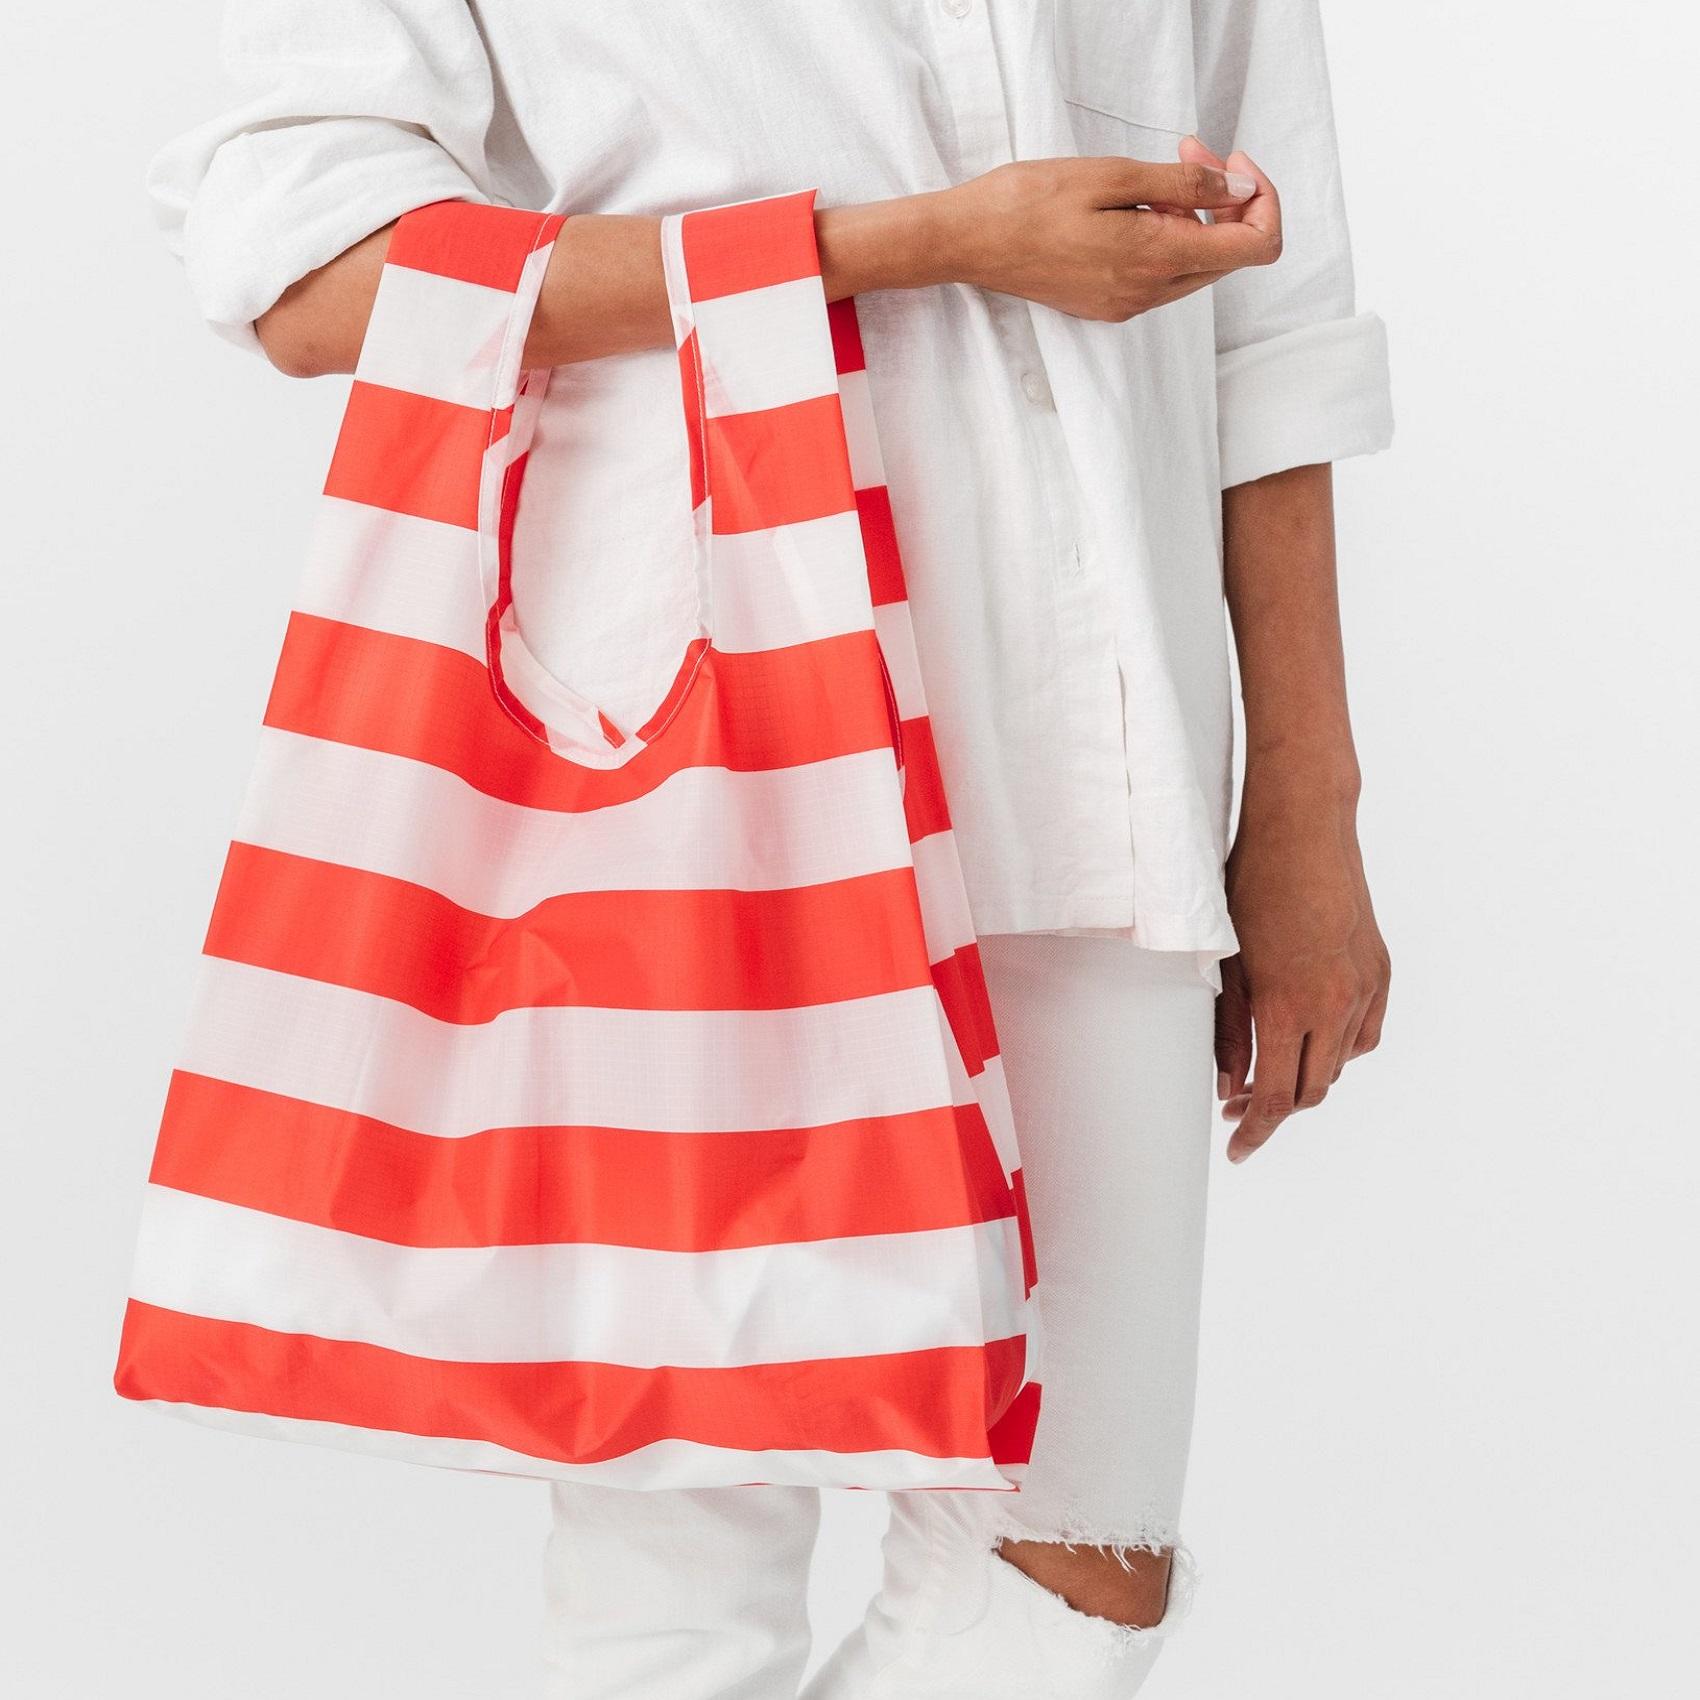 shopper-baggu-red-stripe